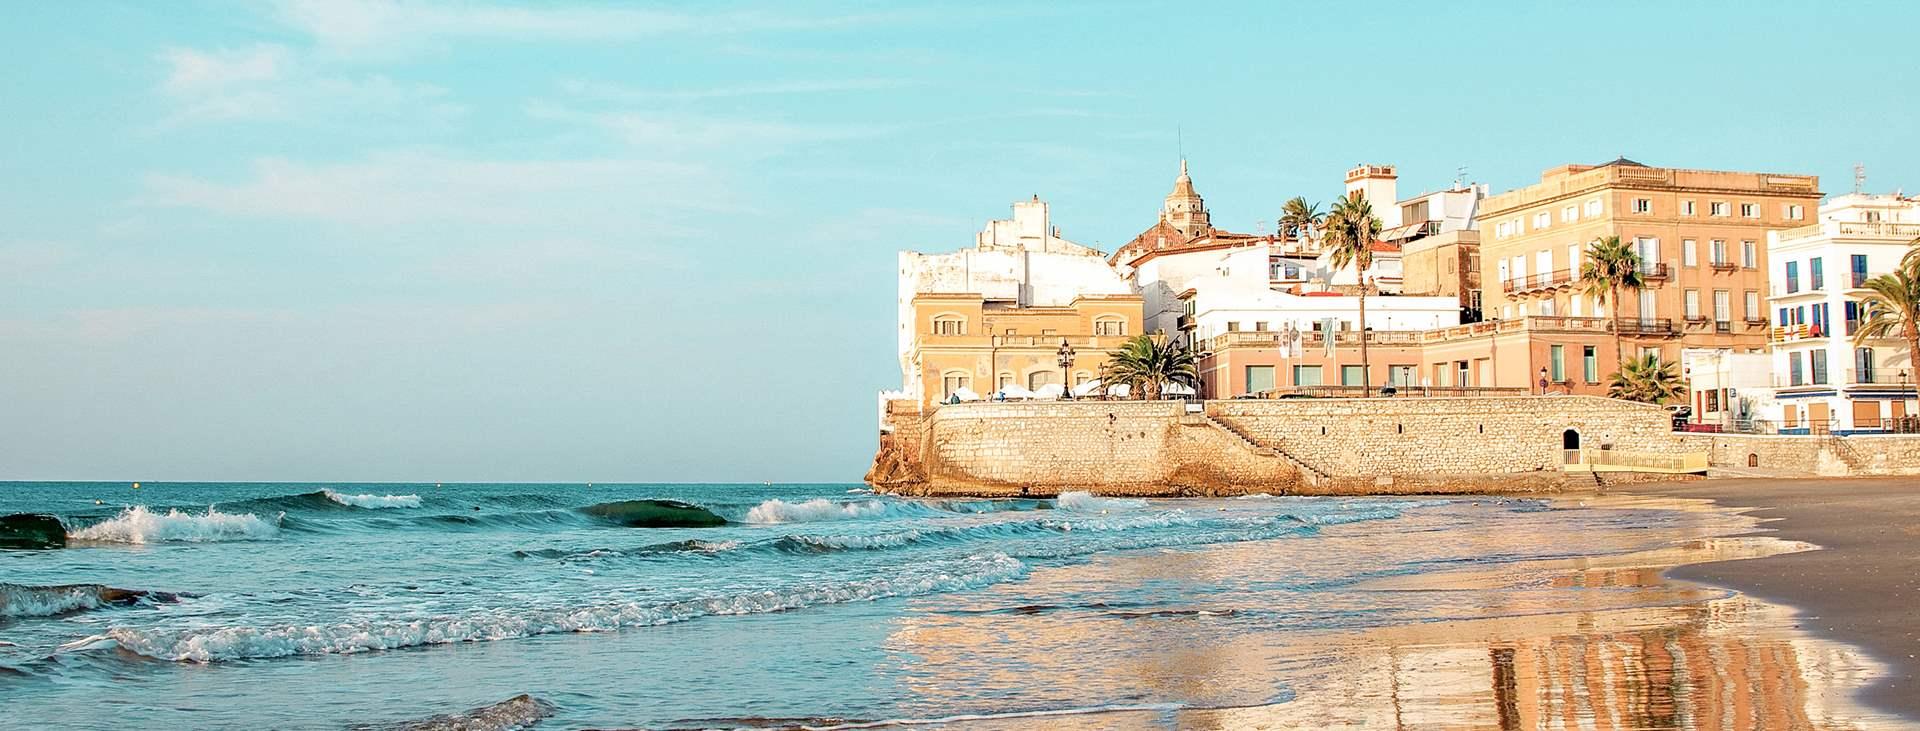 Resor till Costa Dorada i Spanien